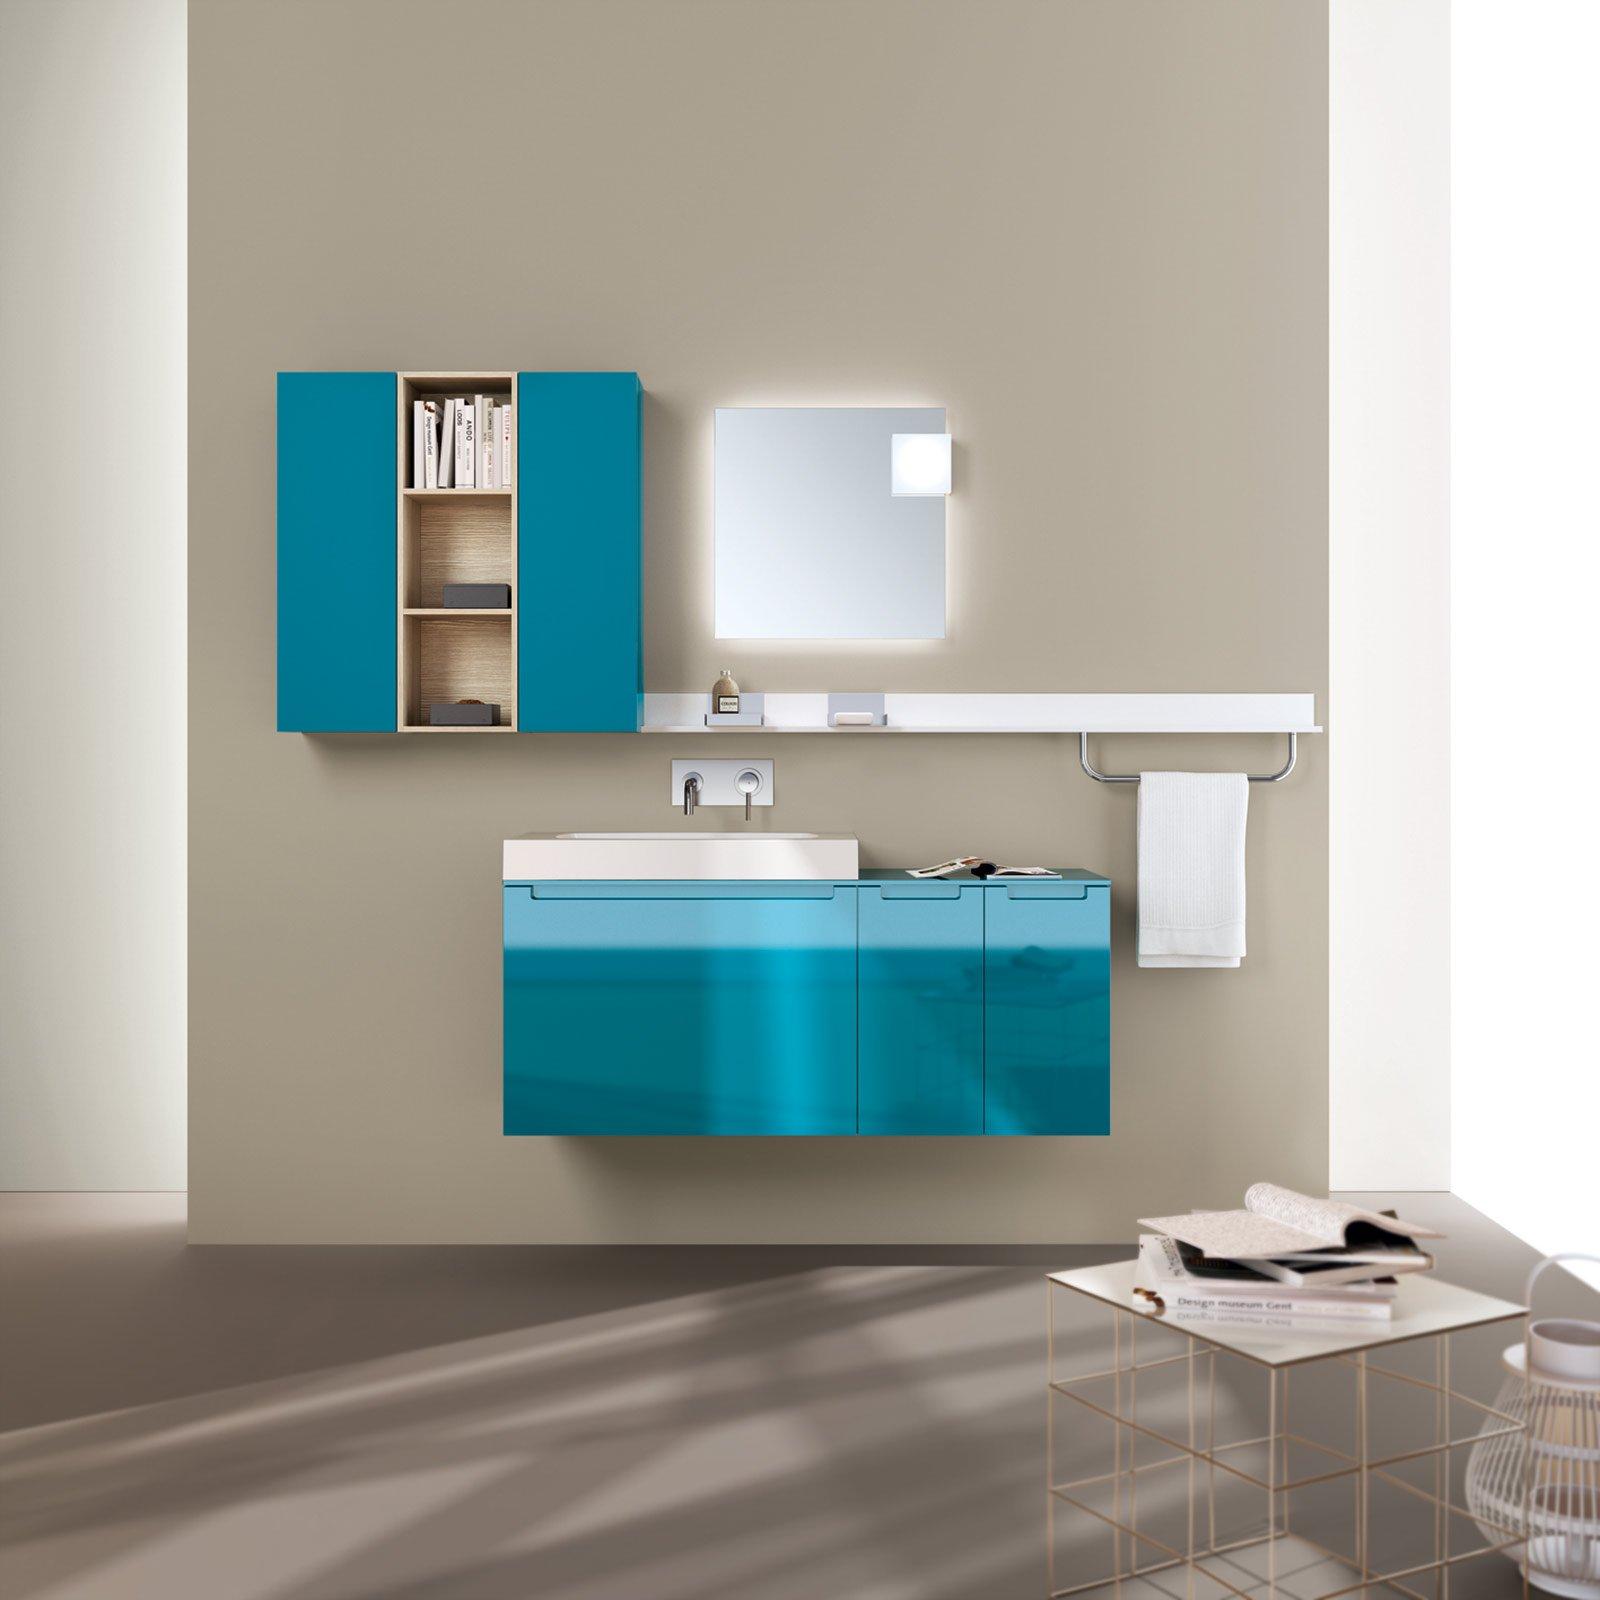 le basi e i pensili della collezione idro di scavolini bathrooms sono laccato lucido color turchese